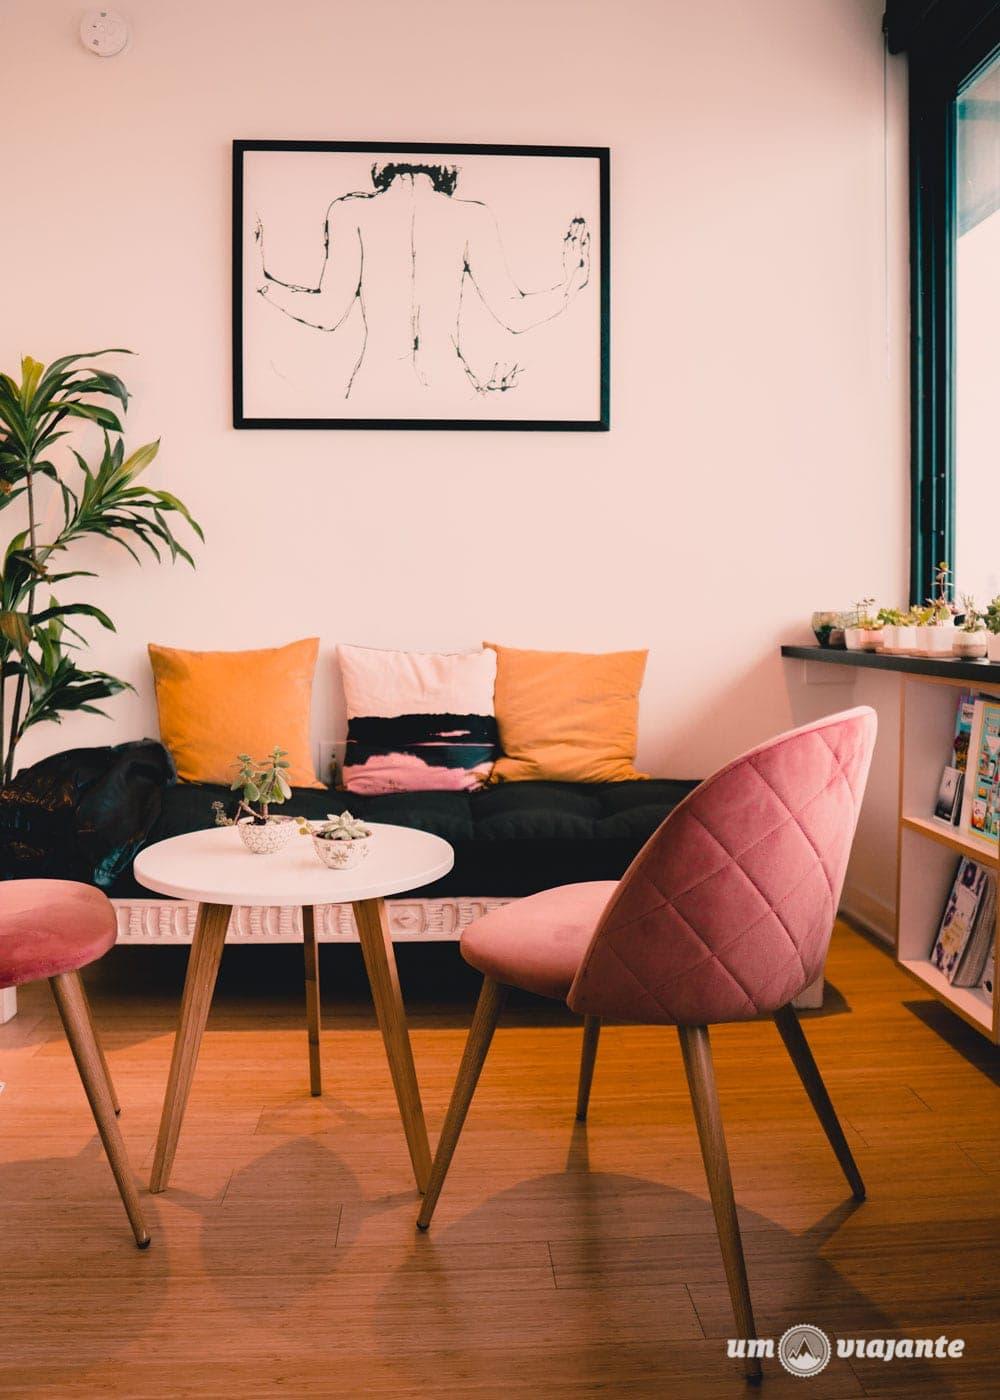 Airbnb com vista incrível de Nova York, em New Jersey